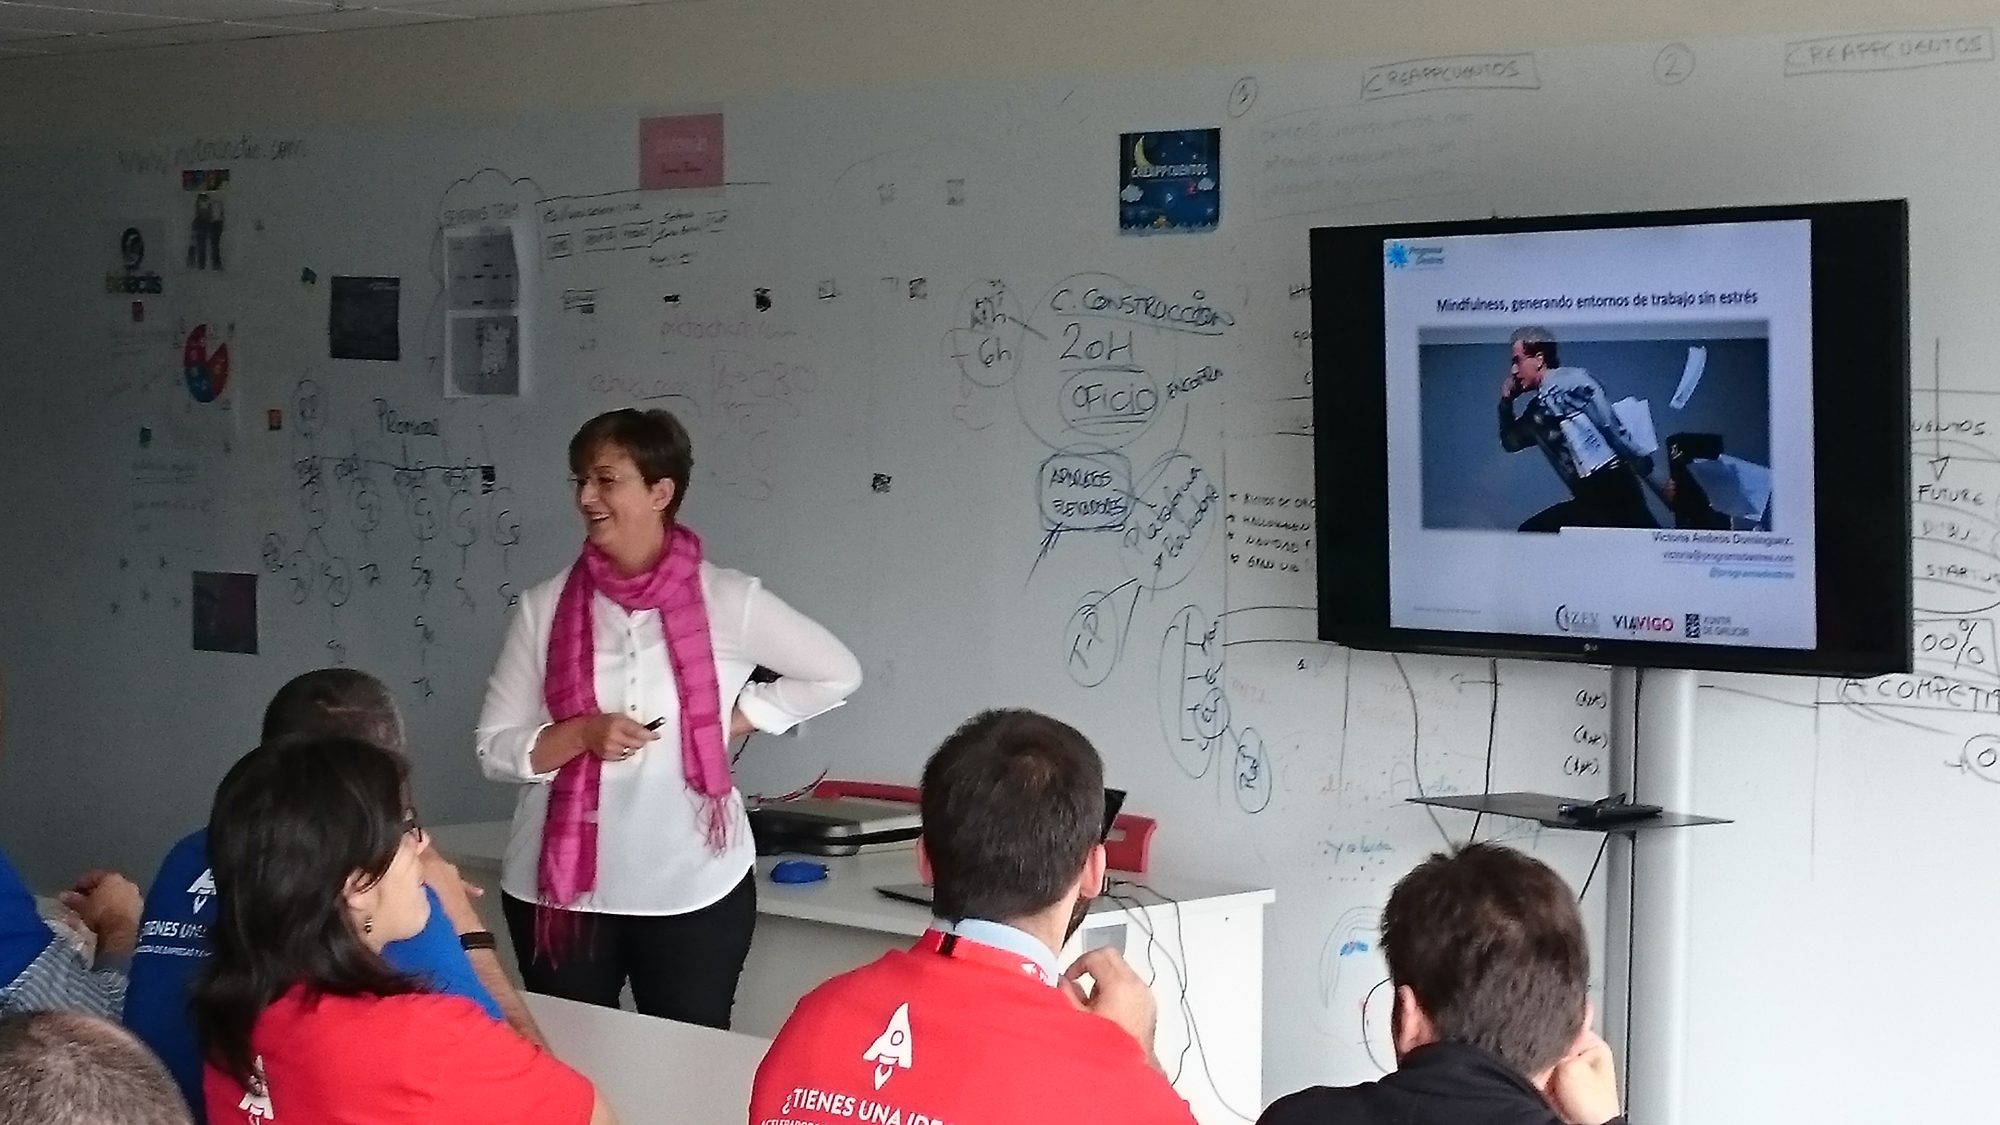 Conferencia impartida en Vía Vigo -Zona Franca de Vigo